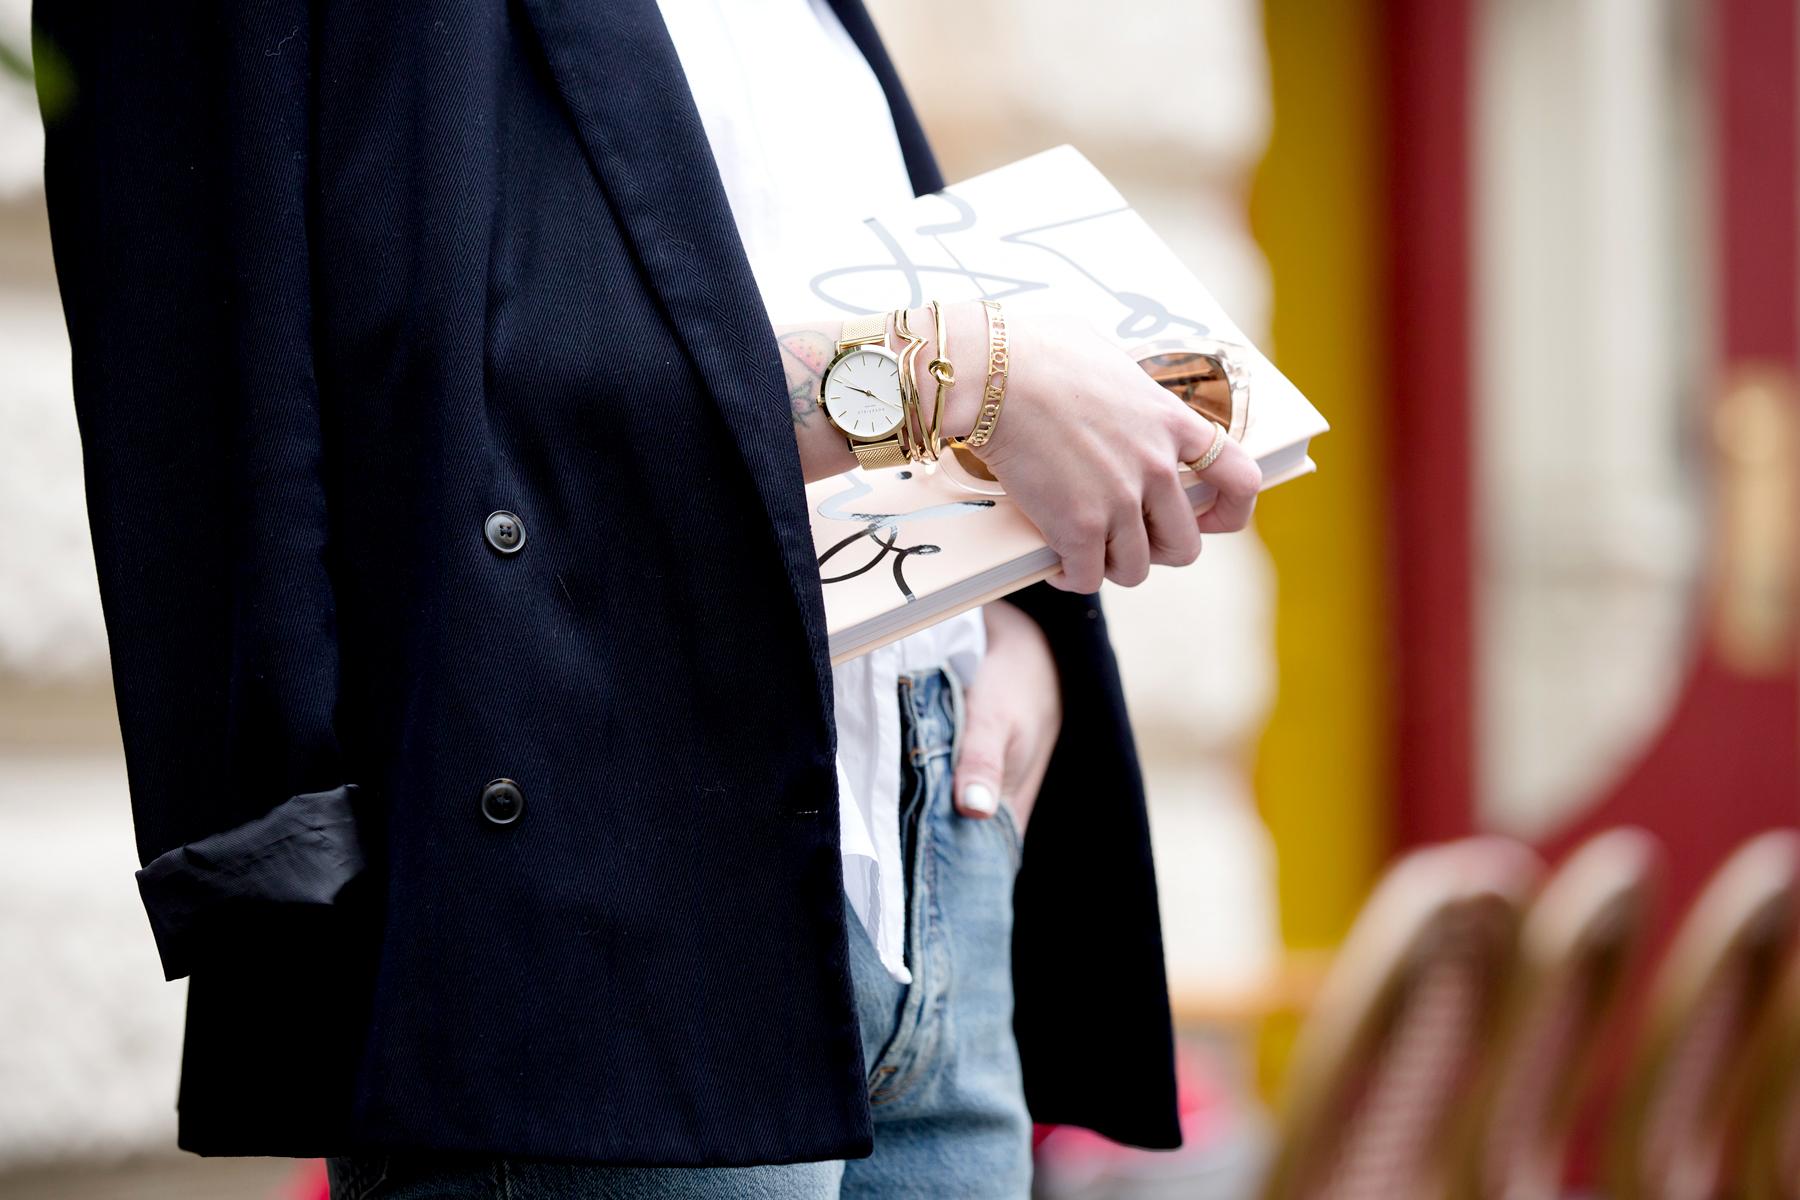 black blazer levi's 501 denim jeans nude pumps garance dore book parisienne french style blogger fashionblogger ootd outfit bangs brunette paris cute girl cats & dogs fashionblog ricarda schernus shopbop sale 2